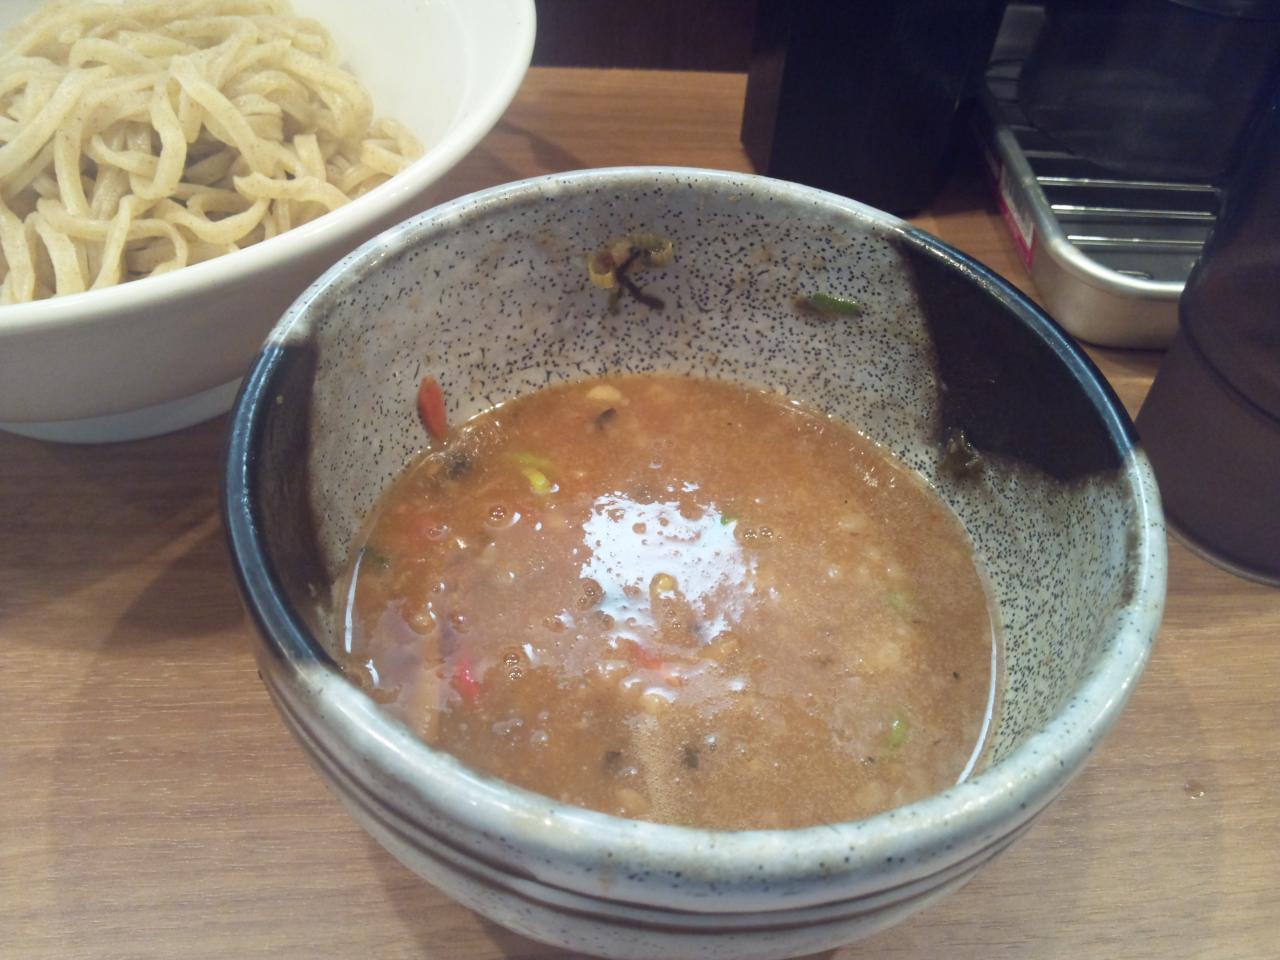 三豊麺人形町店(濃厚魚介つけ麺)